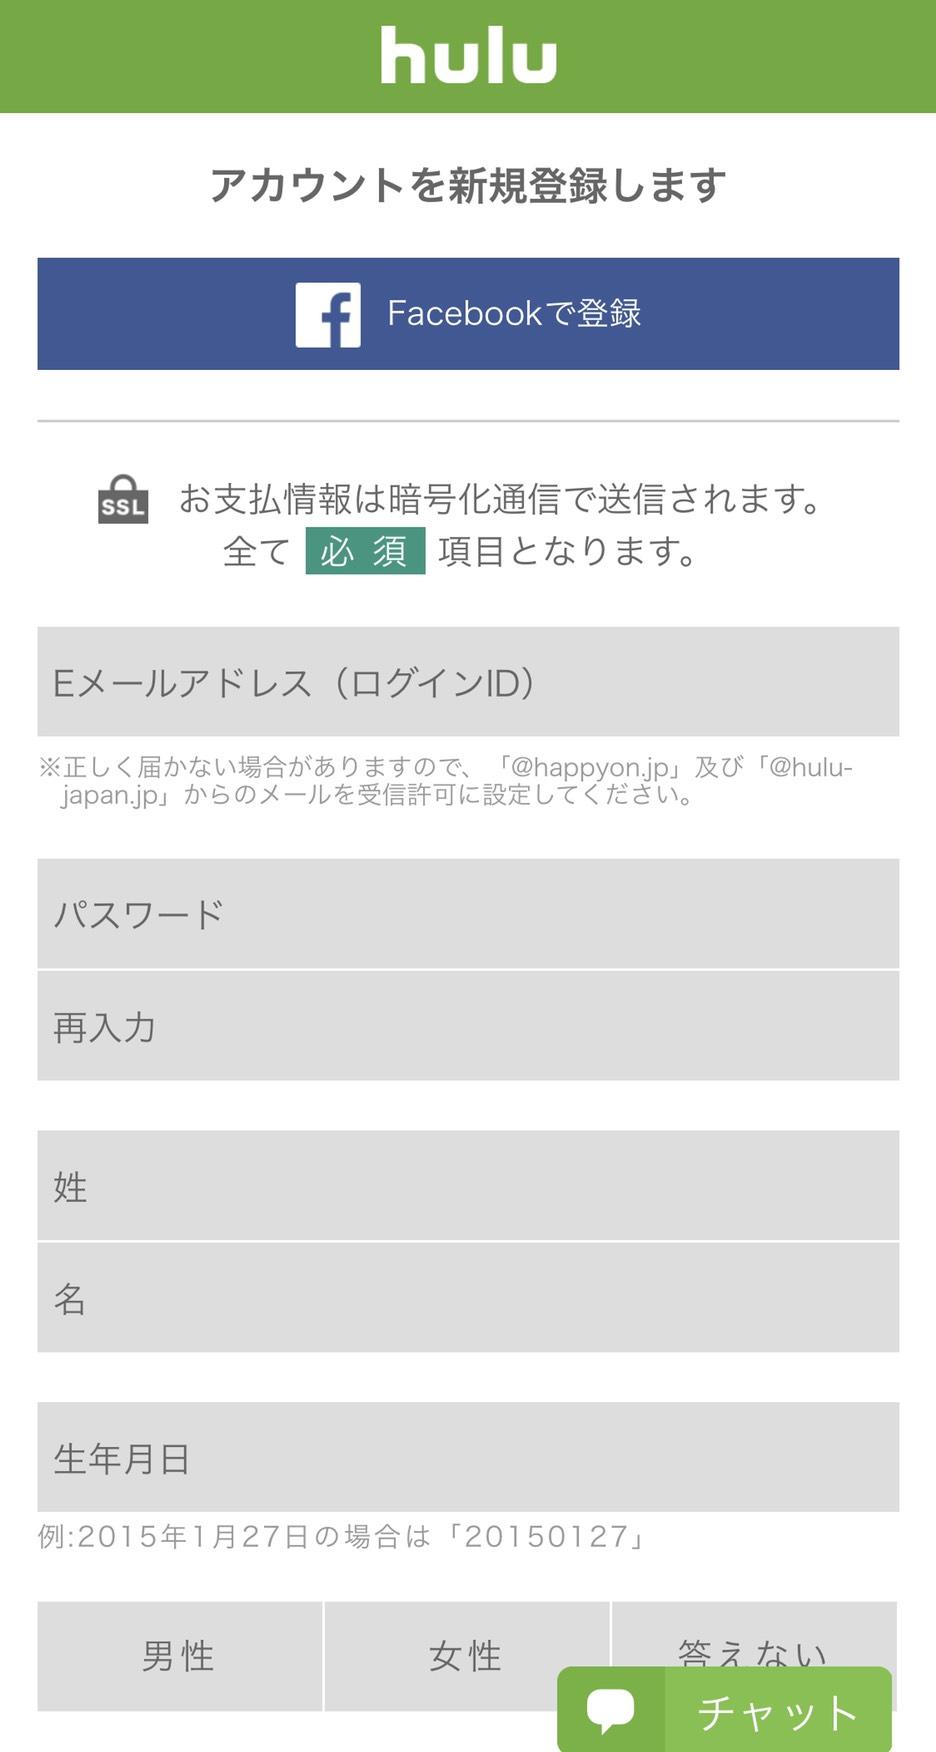 hulu登録画面iphone